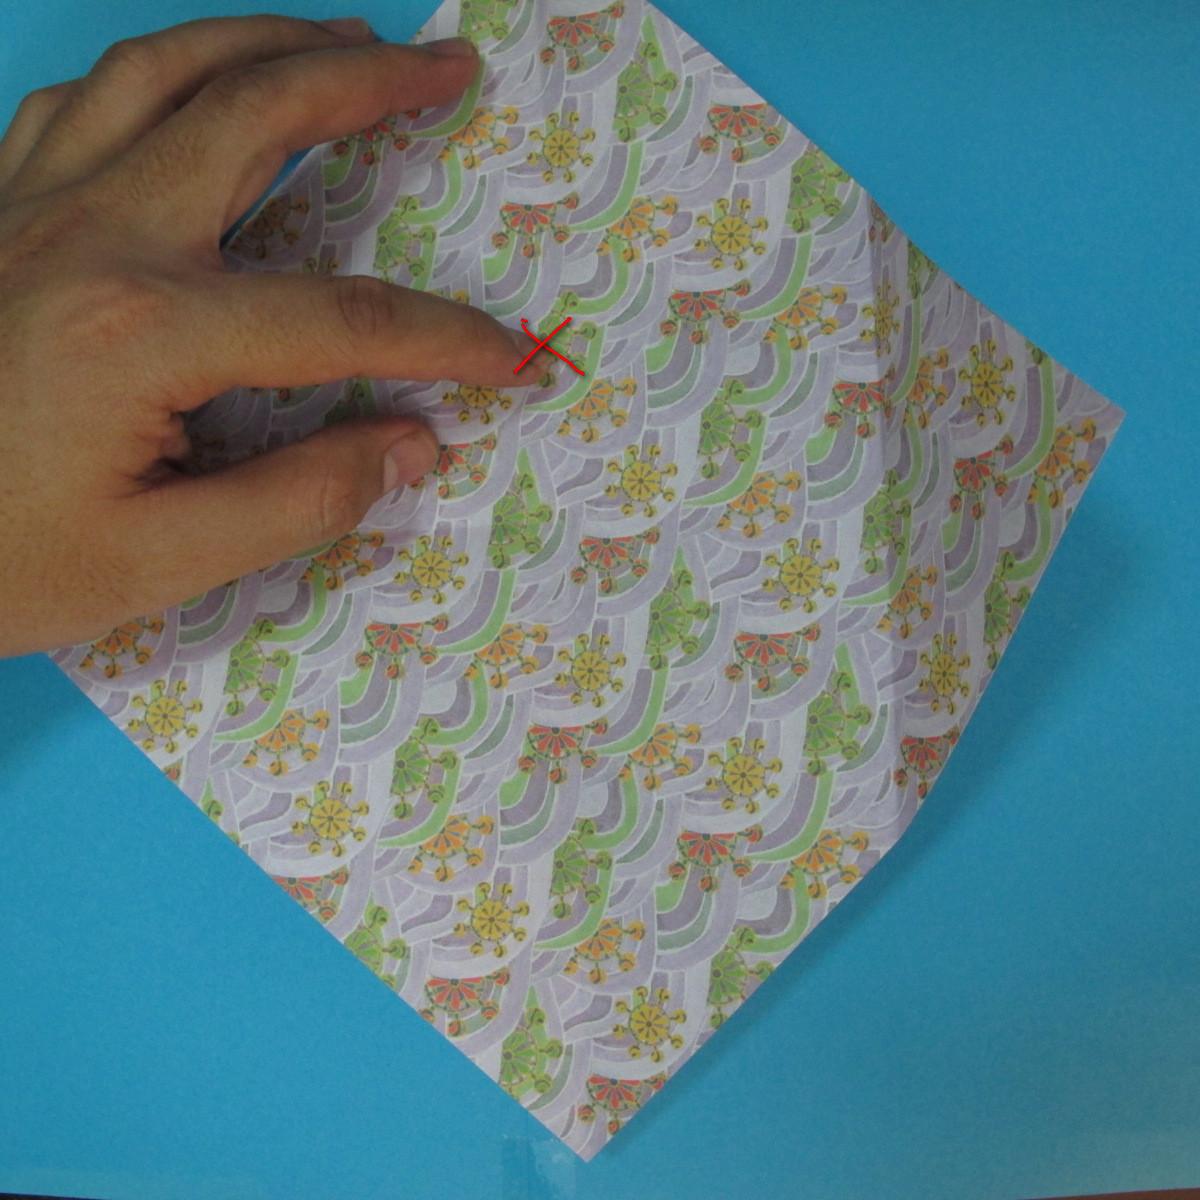 สอนวิธีพับกระดาษเป็นช้าง (แบบของ Fumiaki Kawahata) 007